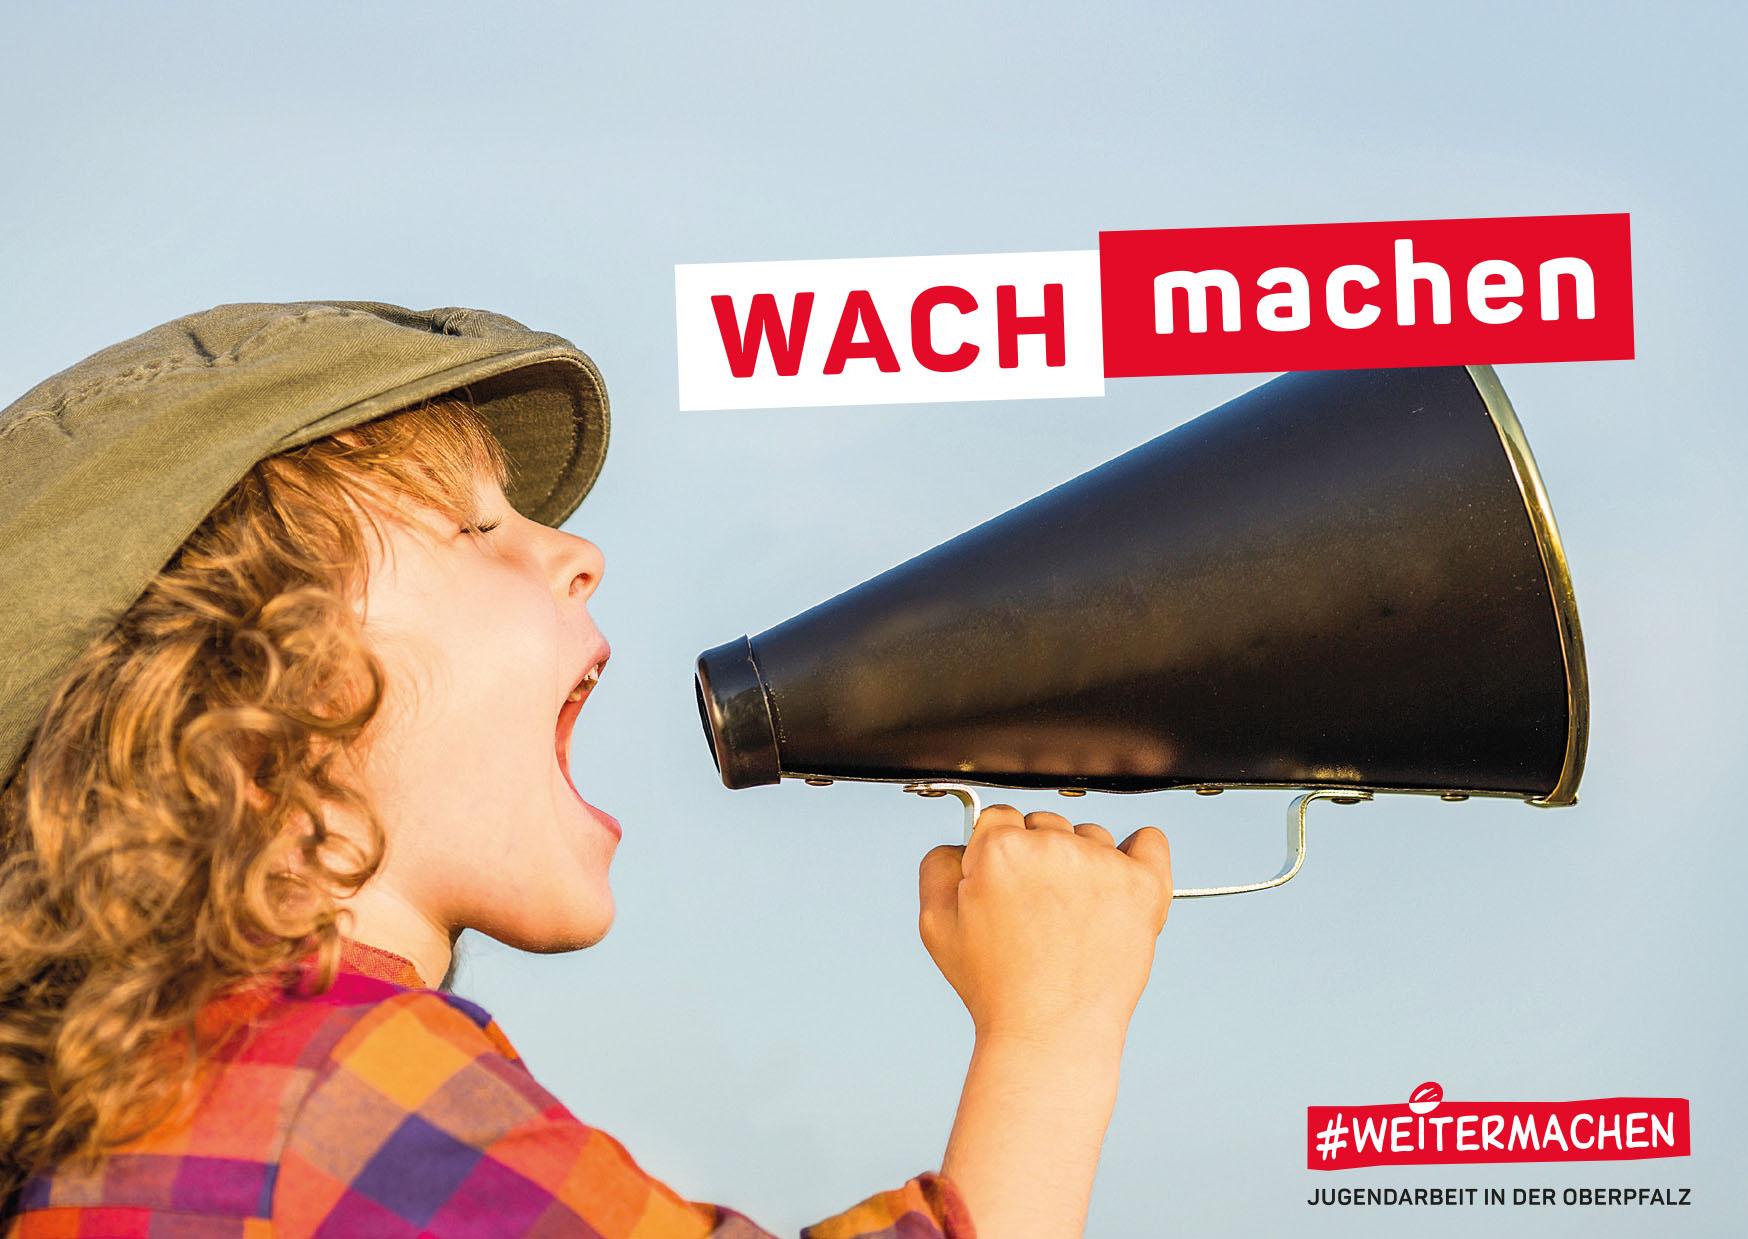 PK_Weitermachen_Auswahl.indd